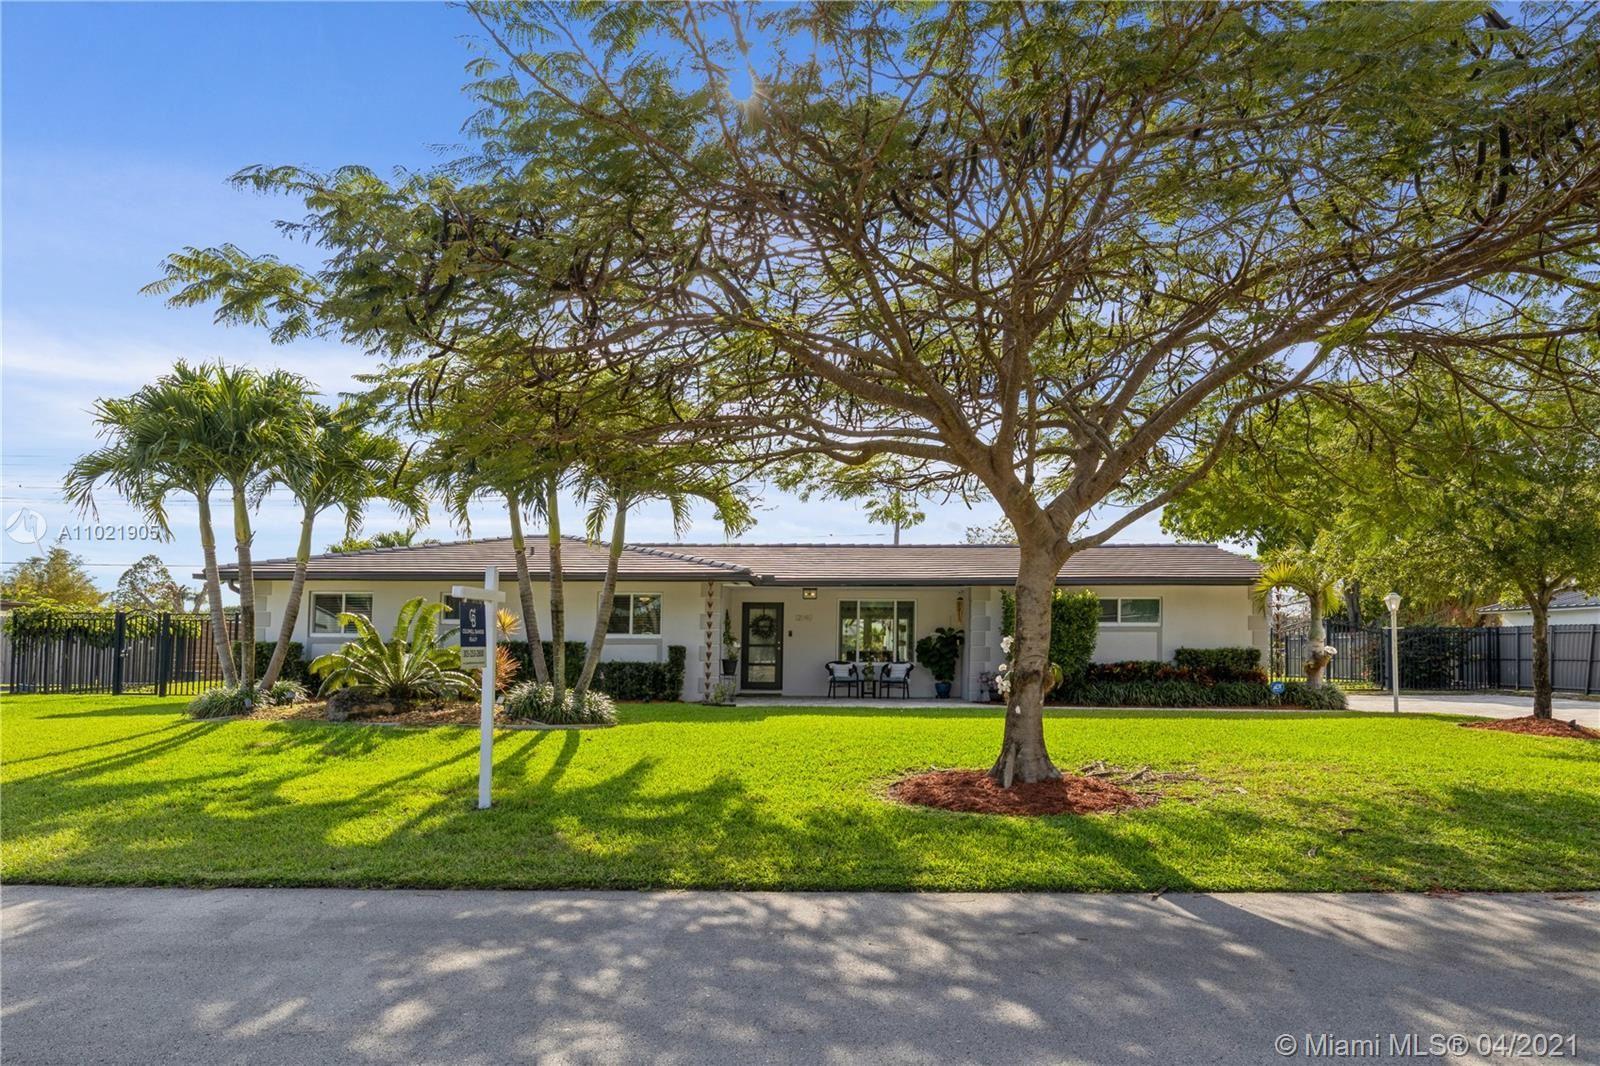 12140 SW 99th Ave, Miami, FL 33176 - #: A11021905